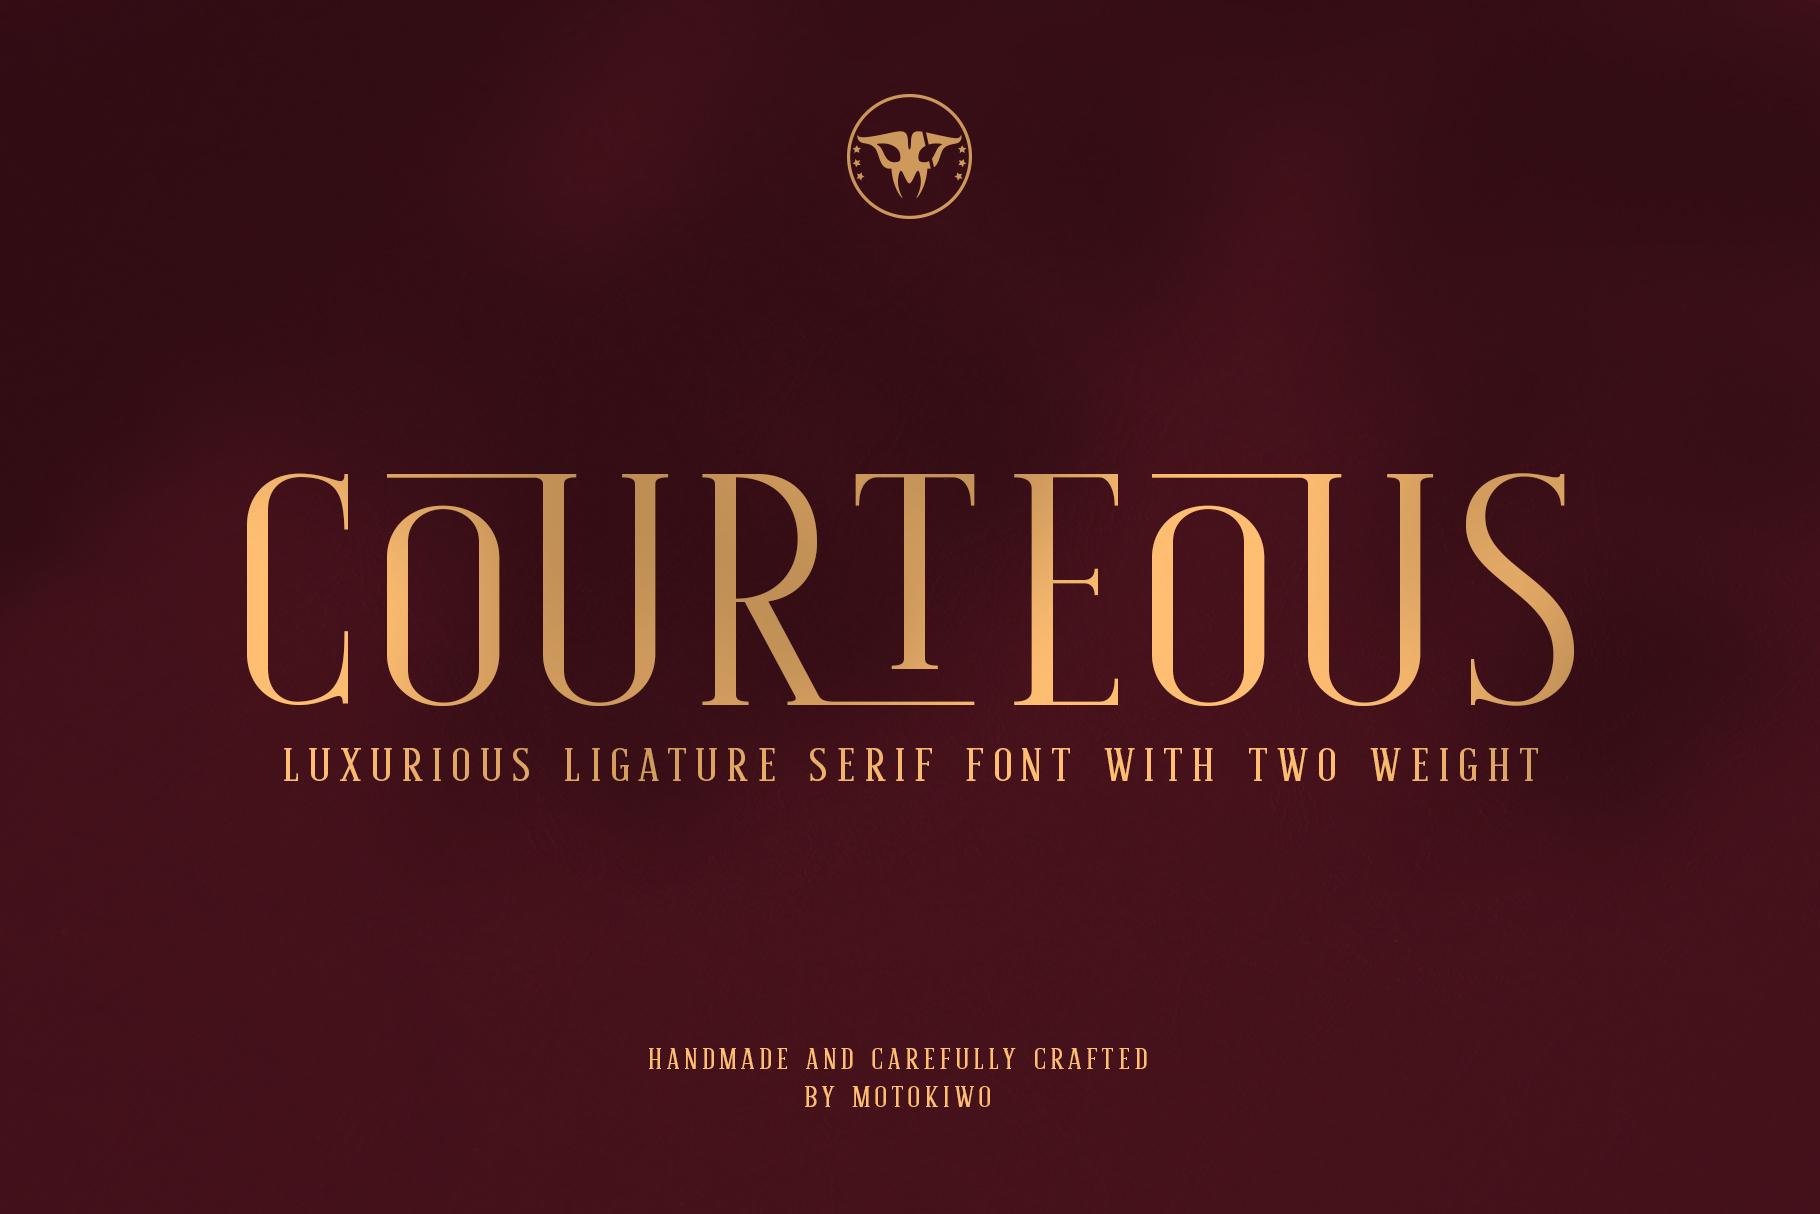 Courteous